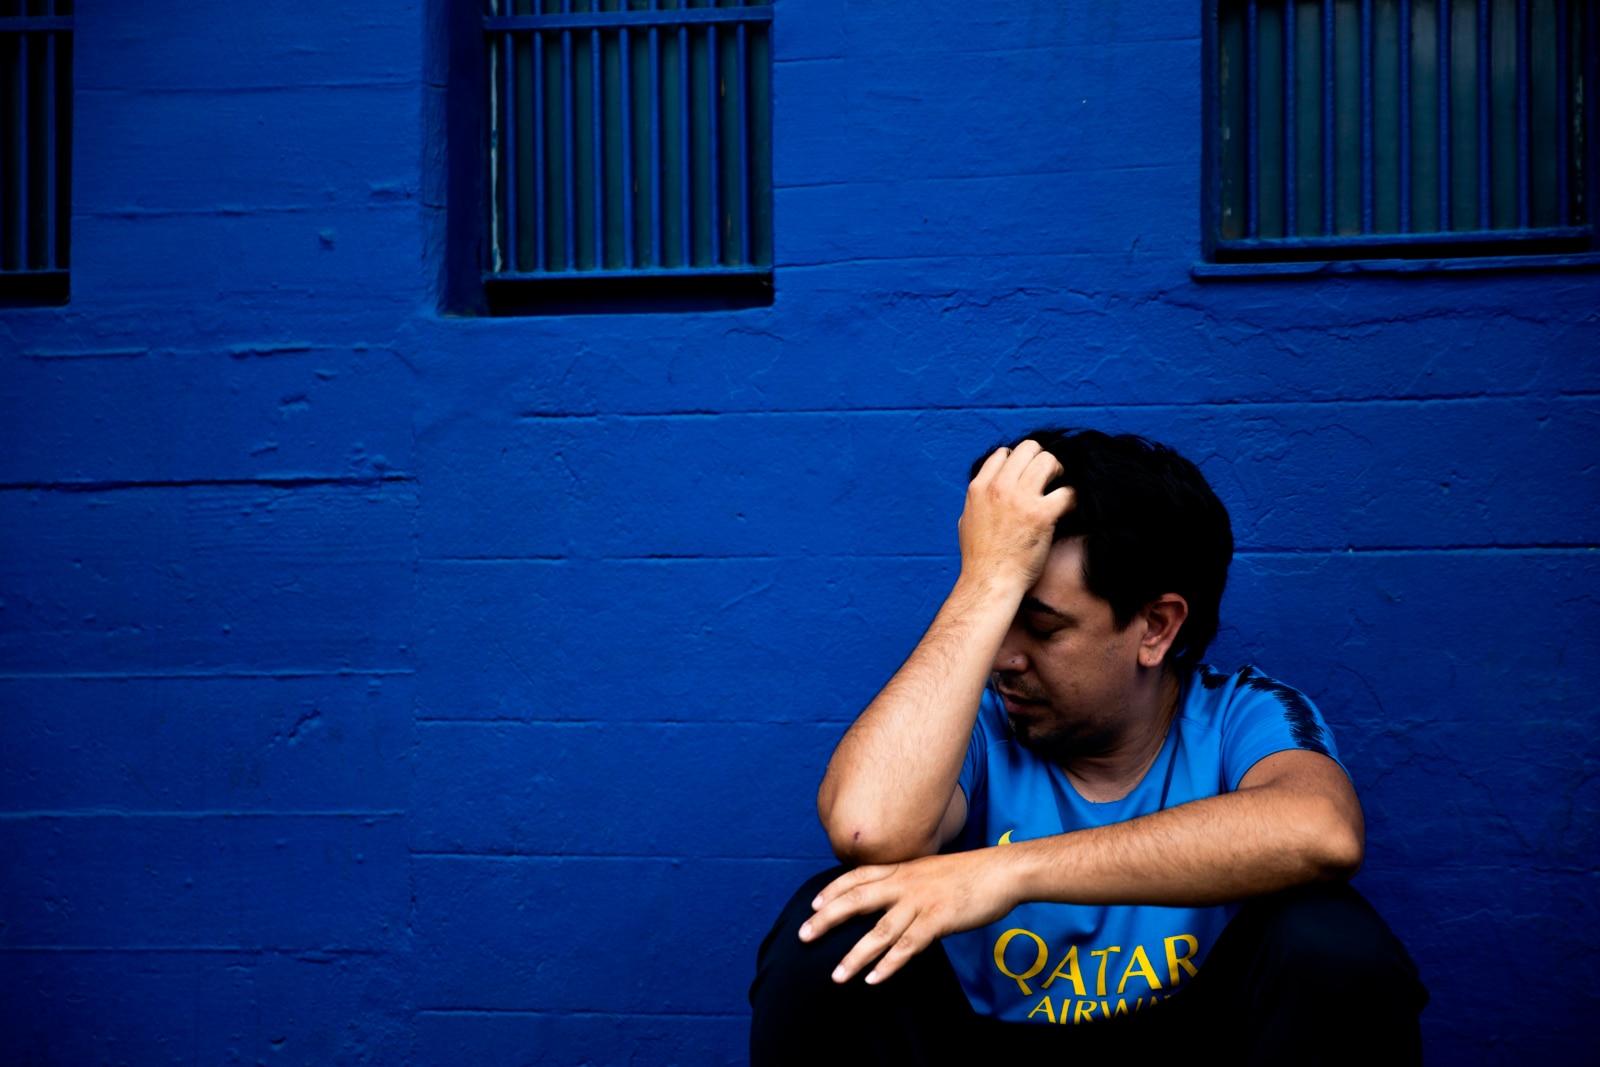 L'Argentina piange Maradona: pellegrinaggio davanti alla casa